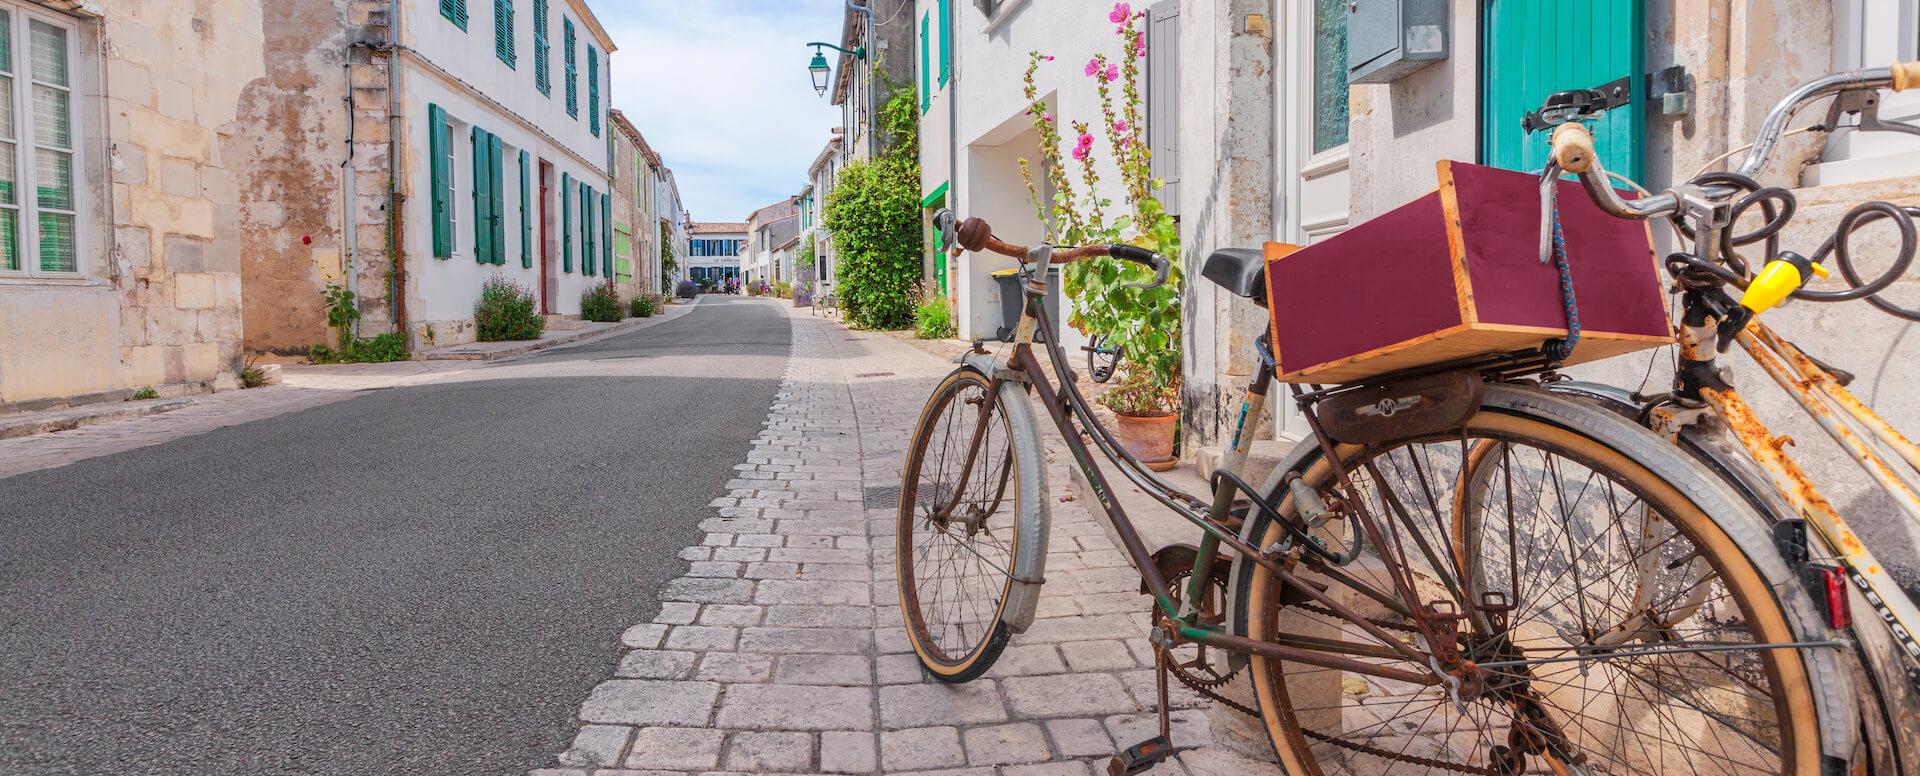 La bicyclette : le moyen de transport phare - Île de Ré